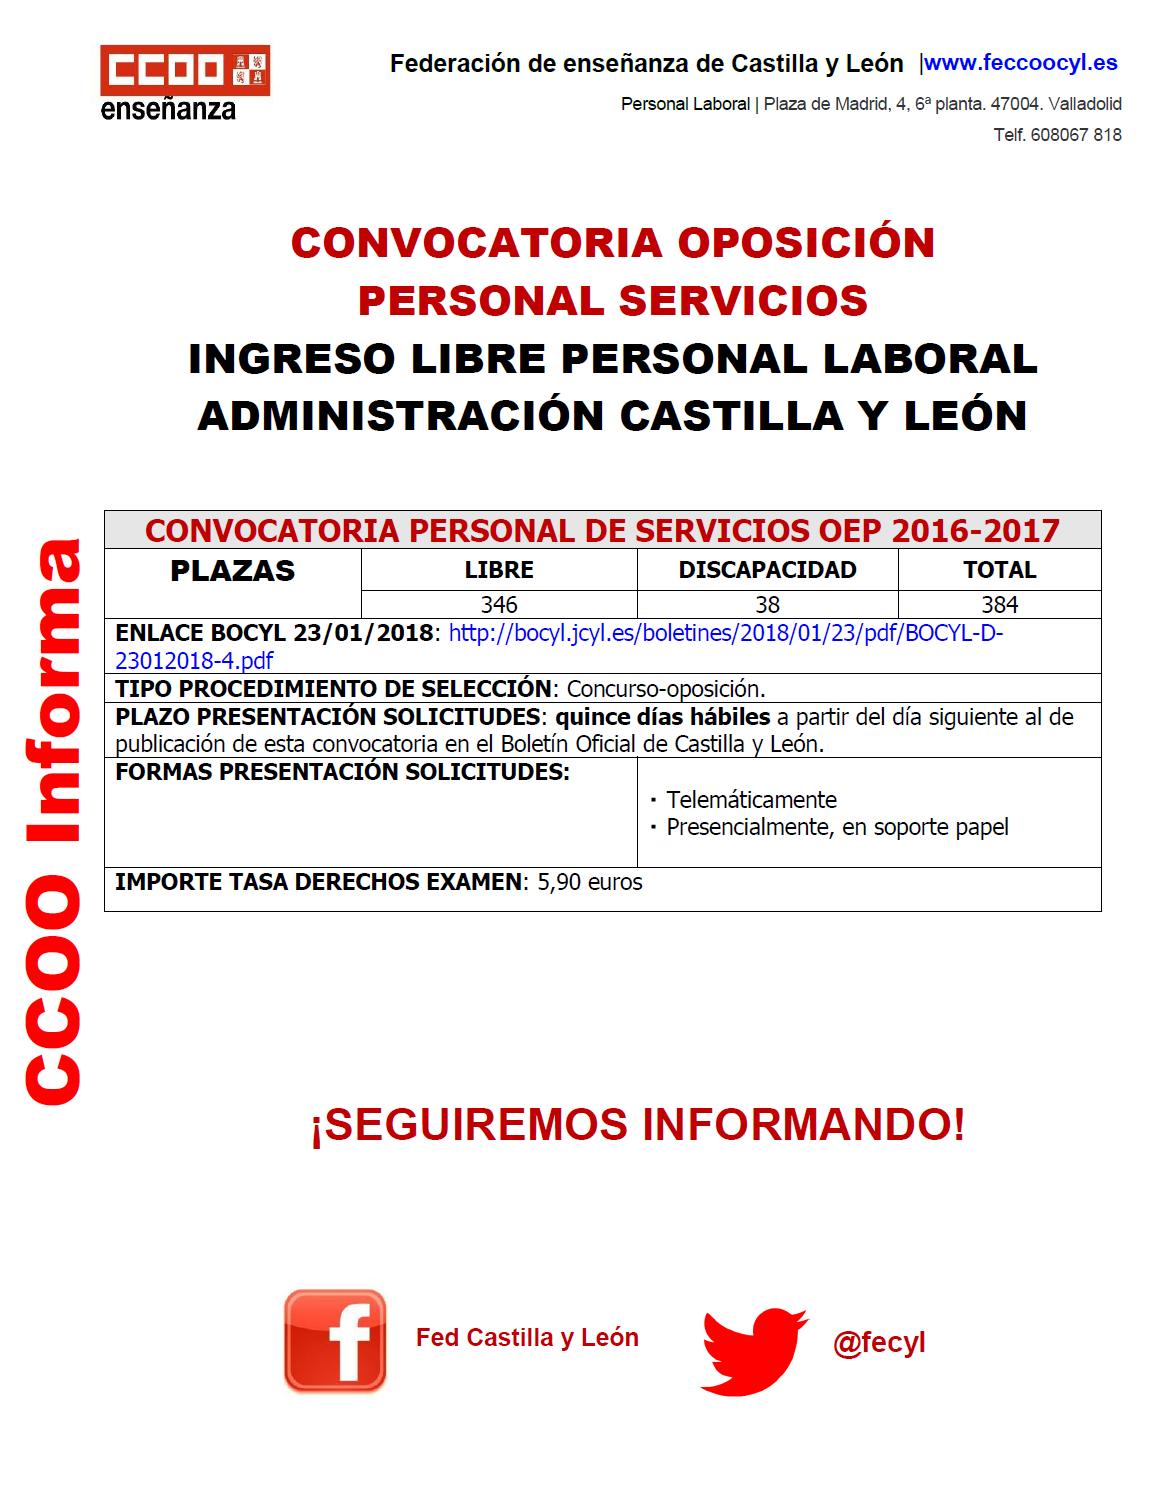 Personal Laboral de Administración CyL. Proceso selectivo. Sistema ...